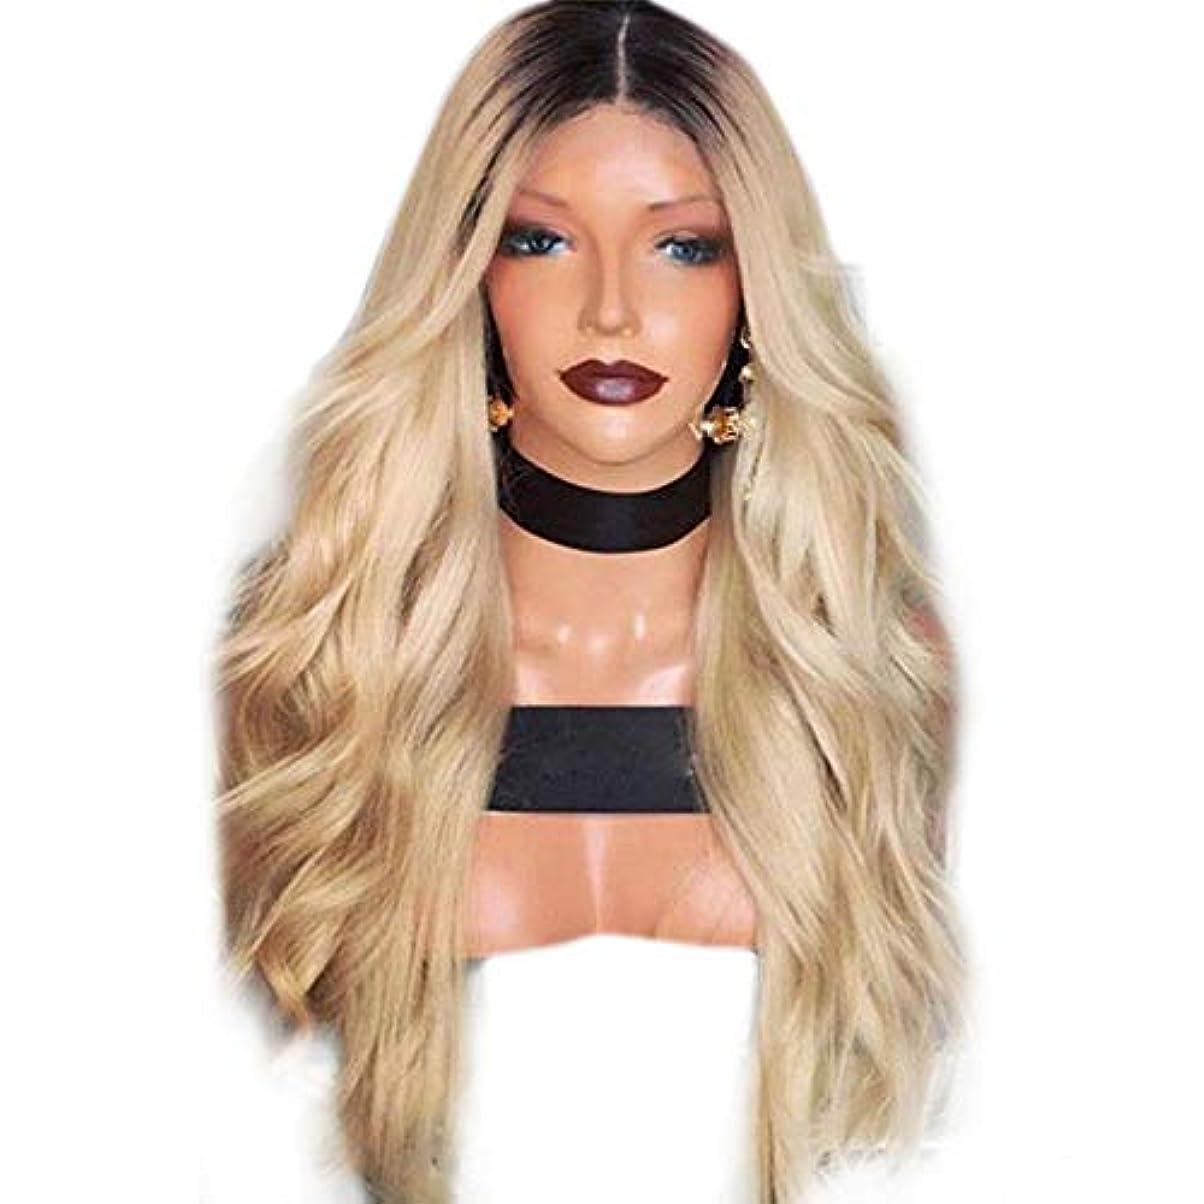 明らかにラビリンス電化するYESONEEP かつら長い巻き毛黒グラデーションイエローマイクロロール長い髪かつらヘッドギア合成髪レースかつらロールプレイングかつら (色 : Photo Color, サイズ : 65cm)